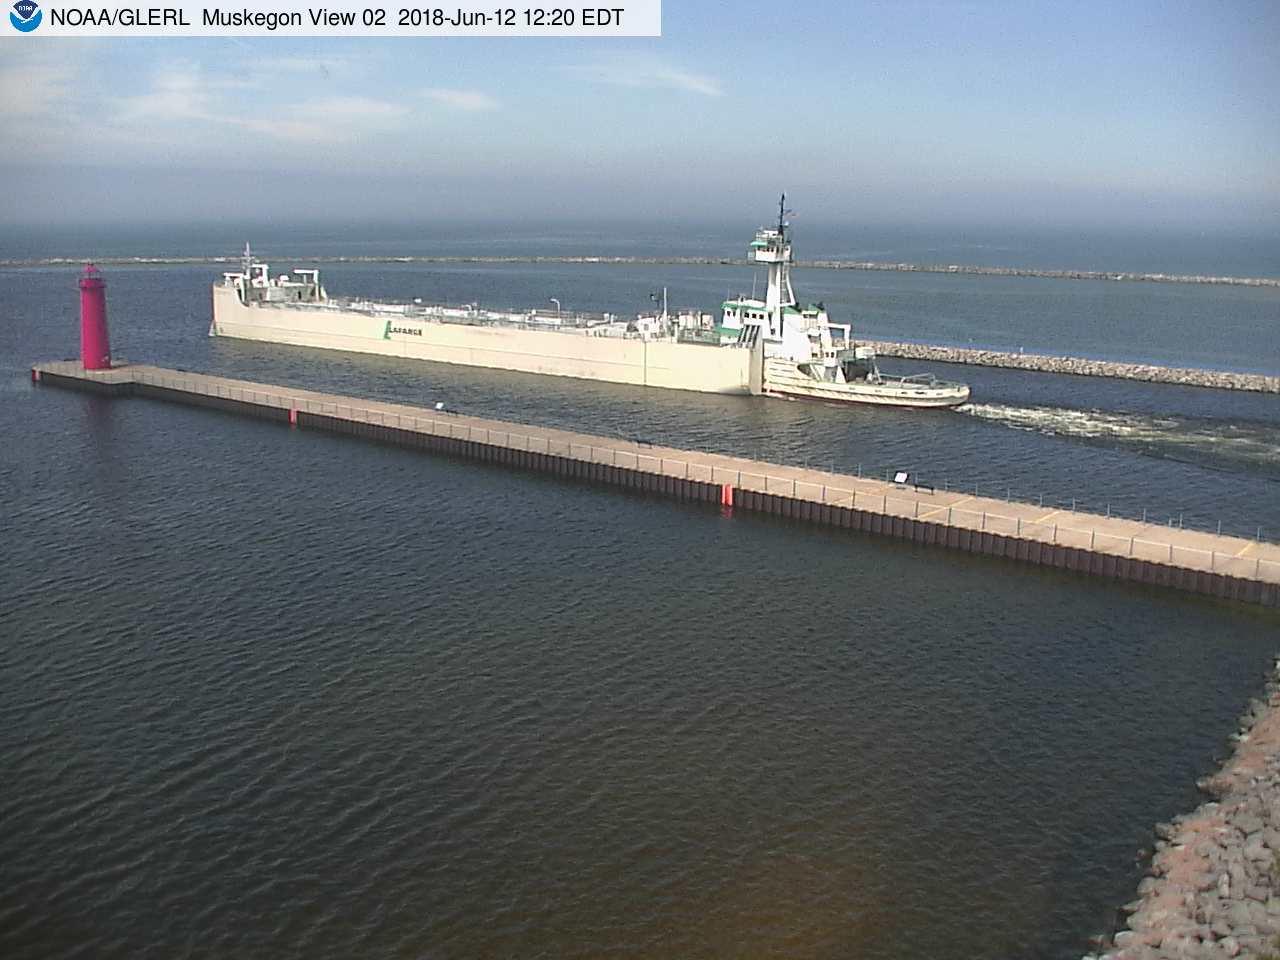 muskegon glerl with ship 6 12 18_1528854503587.jpg.jpg